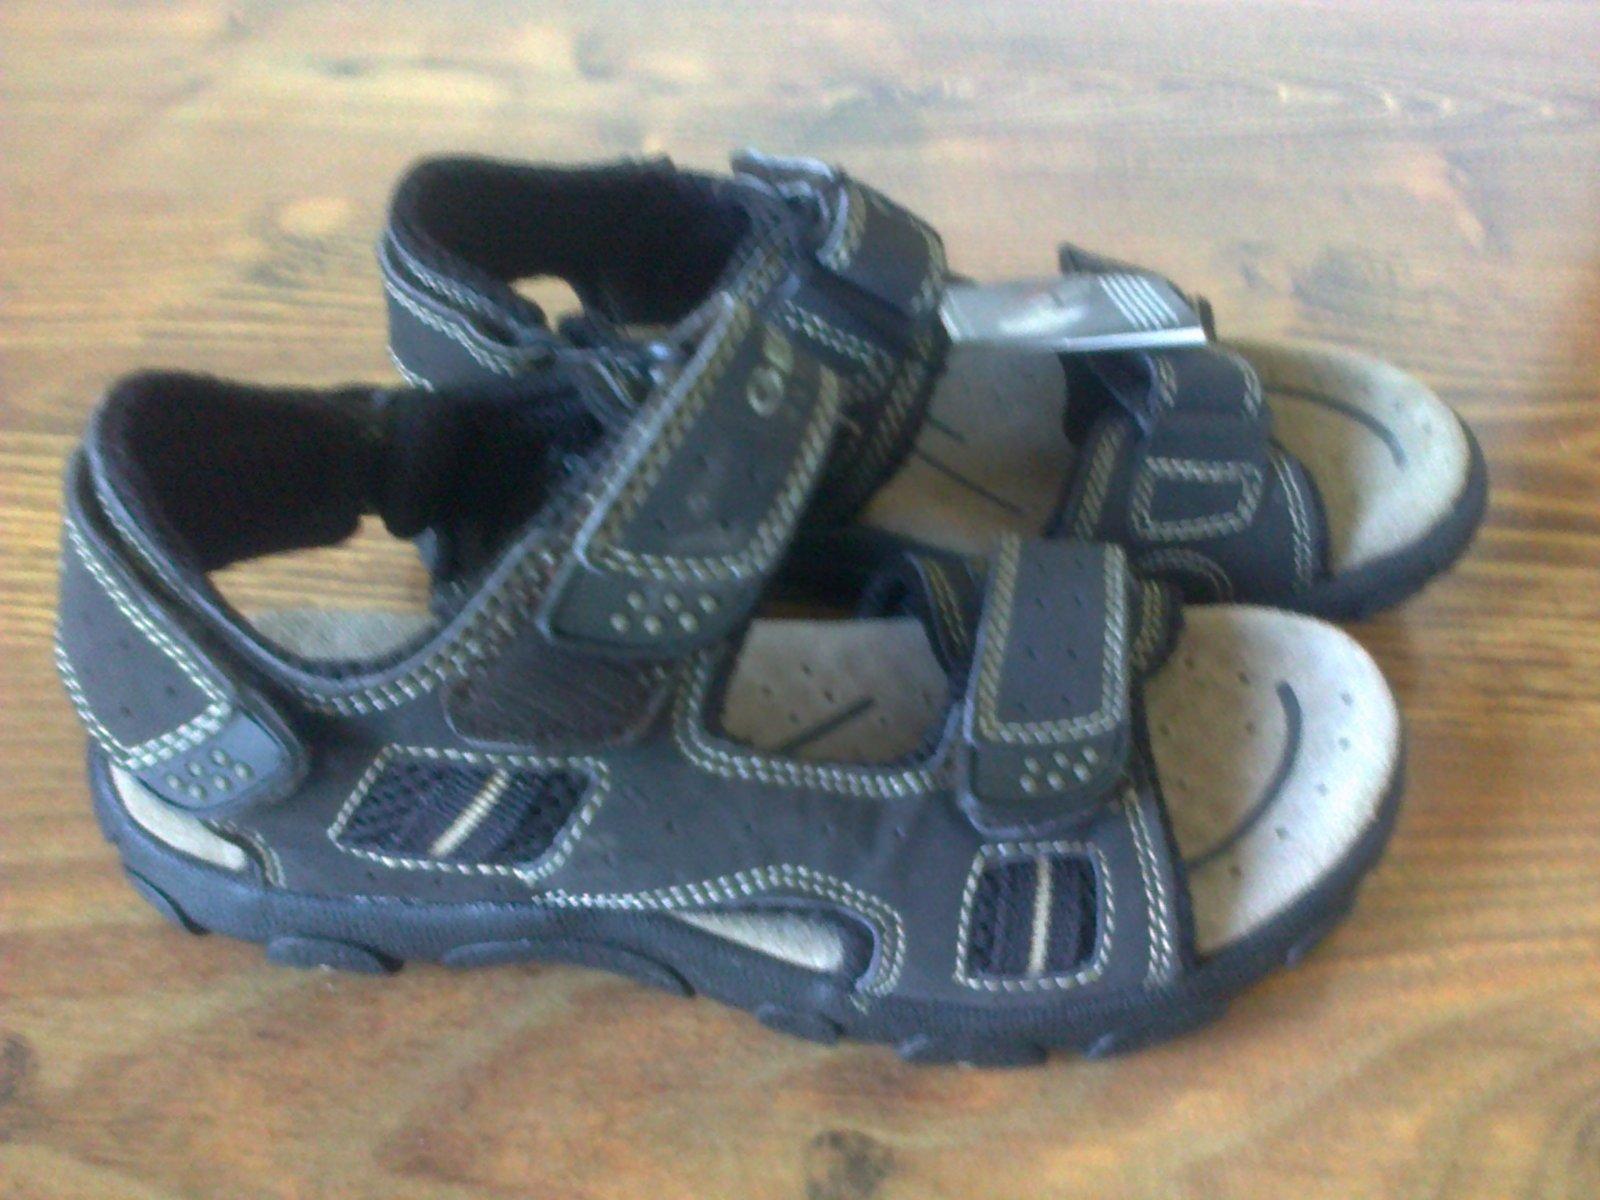 aliexpress große Vielfalt Modelle Schuhe für billige Chlapčenské sandále, geox,33 - 19 € od predávajúcej 1alenka ...